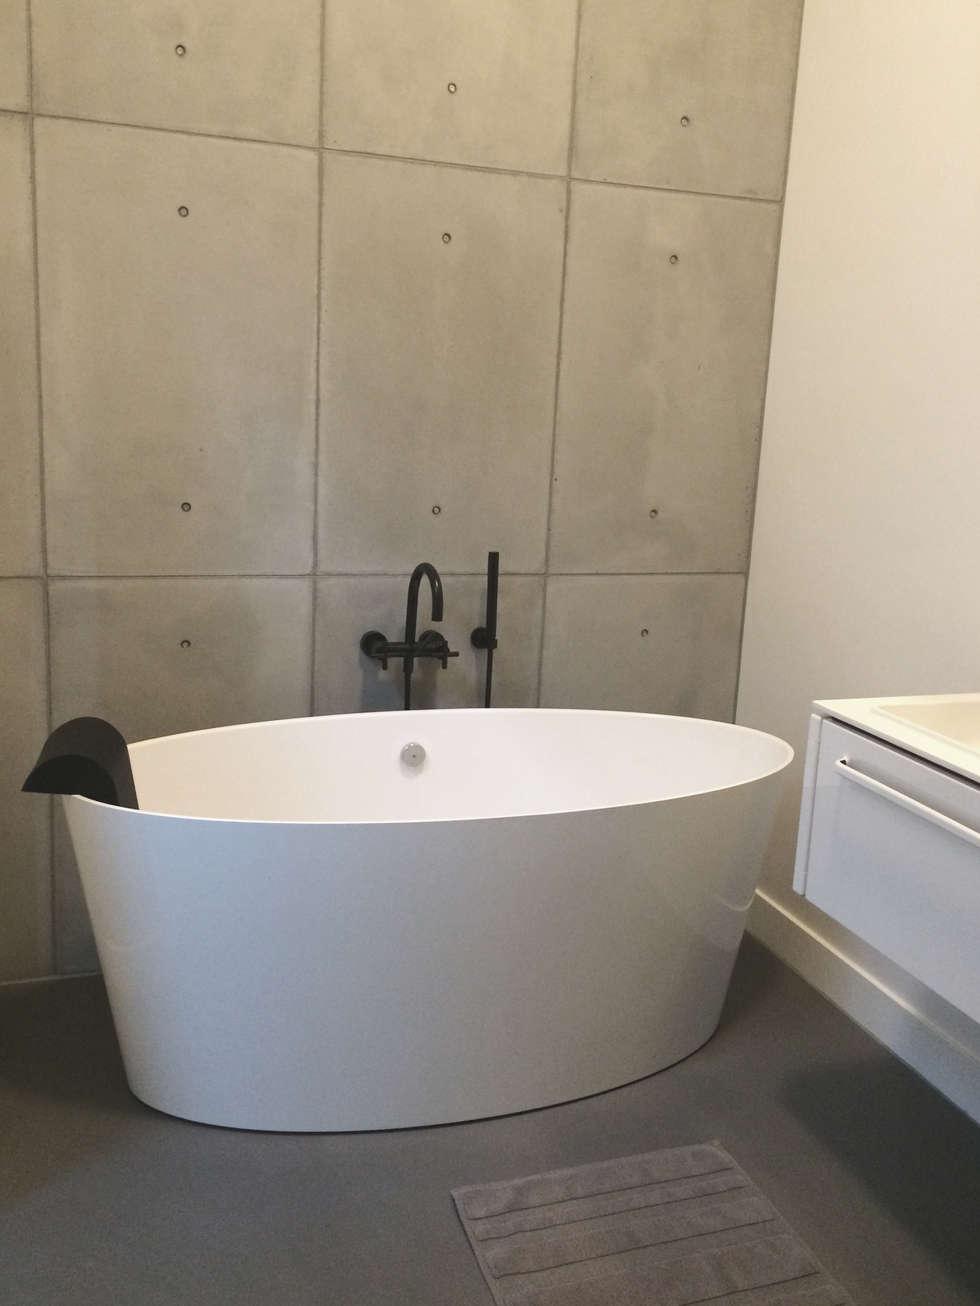 Vt wonen \'verbouwen of verhuizen\' te alkmaar: industriële badkamer ...